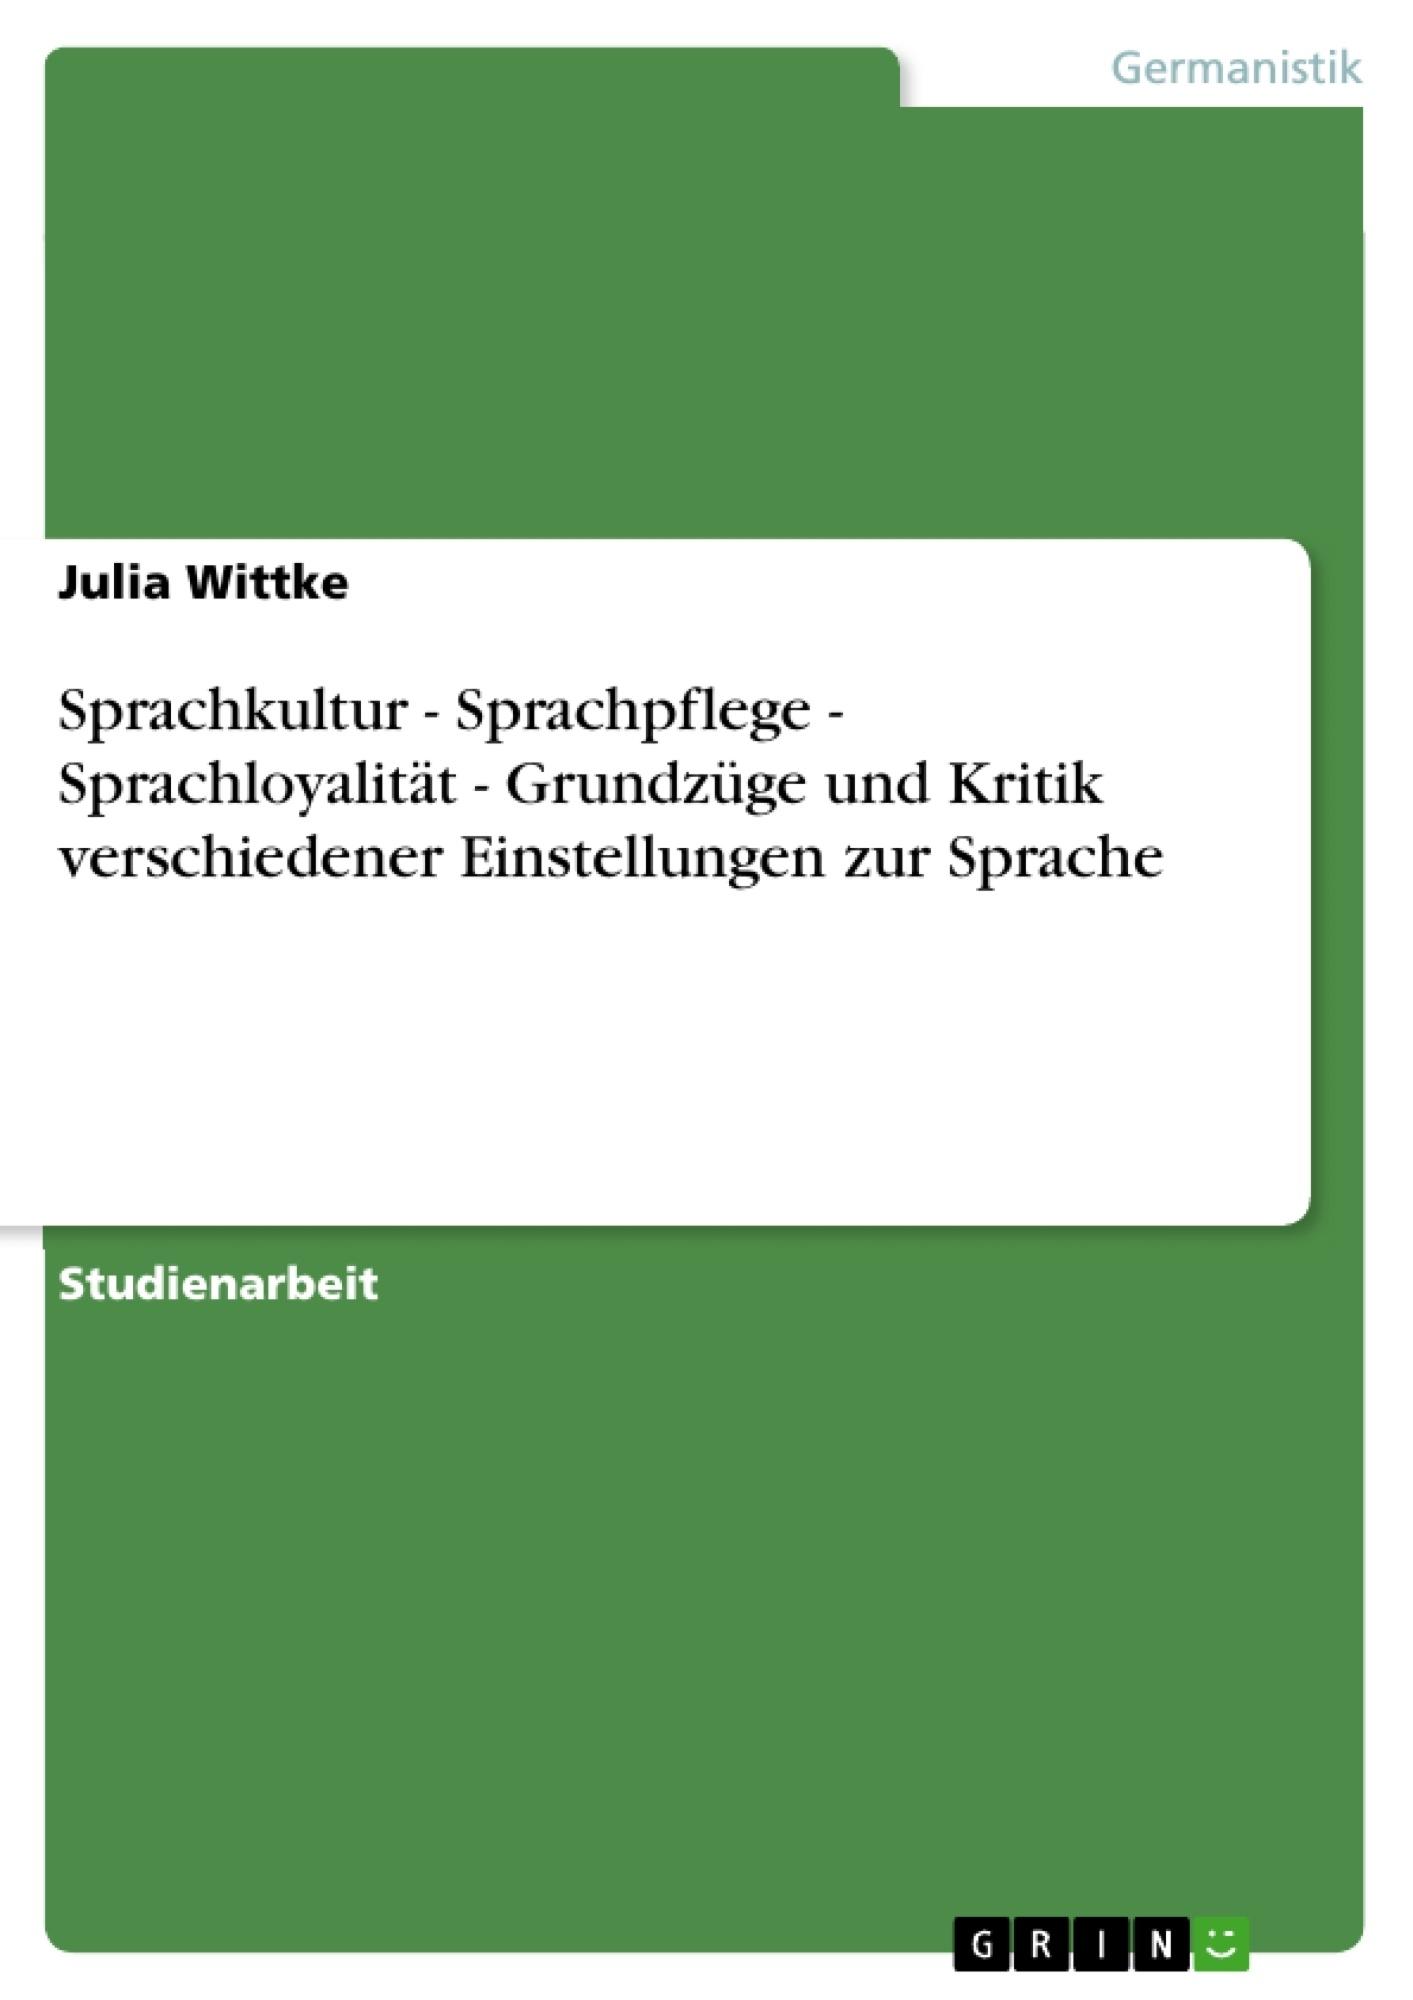 Titel: Sprachkultur - Sprachpflege - Sprachloyalität - Grundzüge und Kritik verschiedener Einstellungen zur Sprache